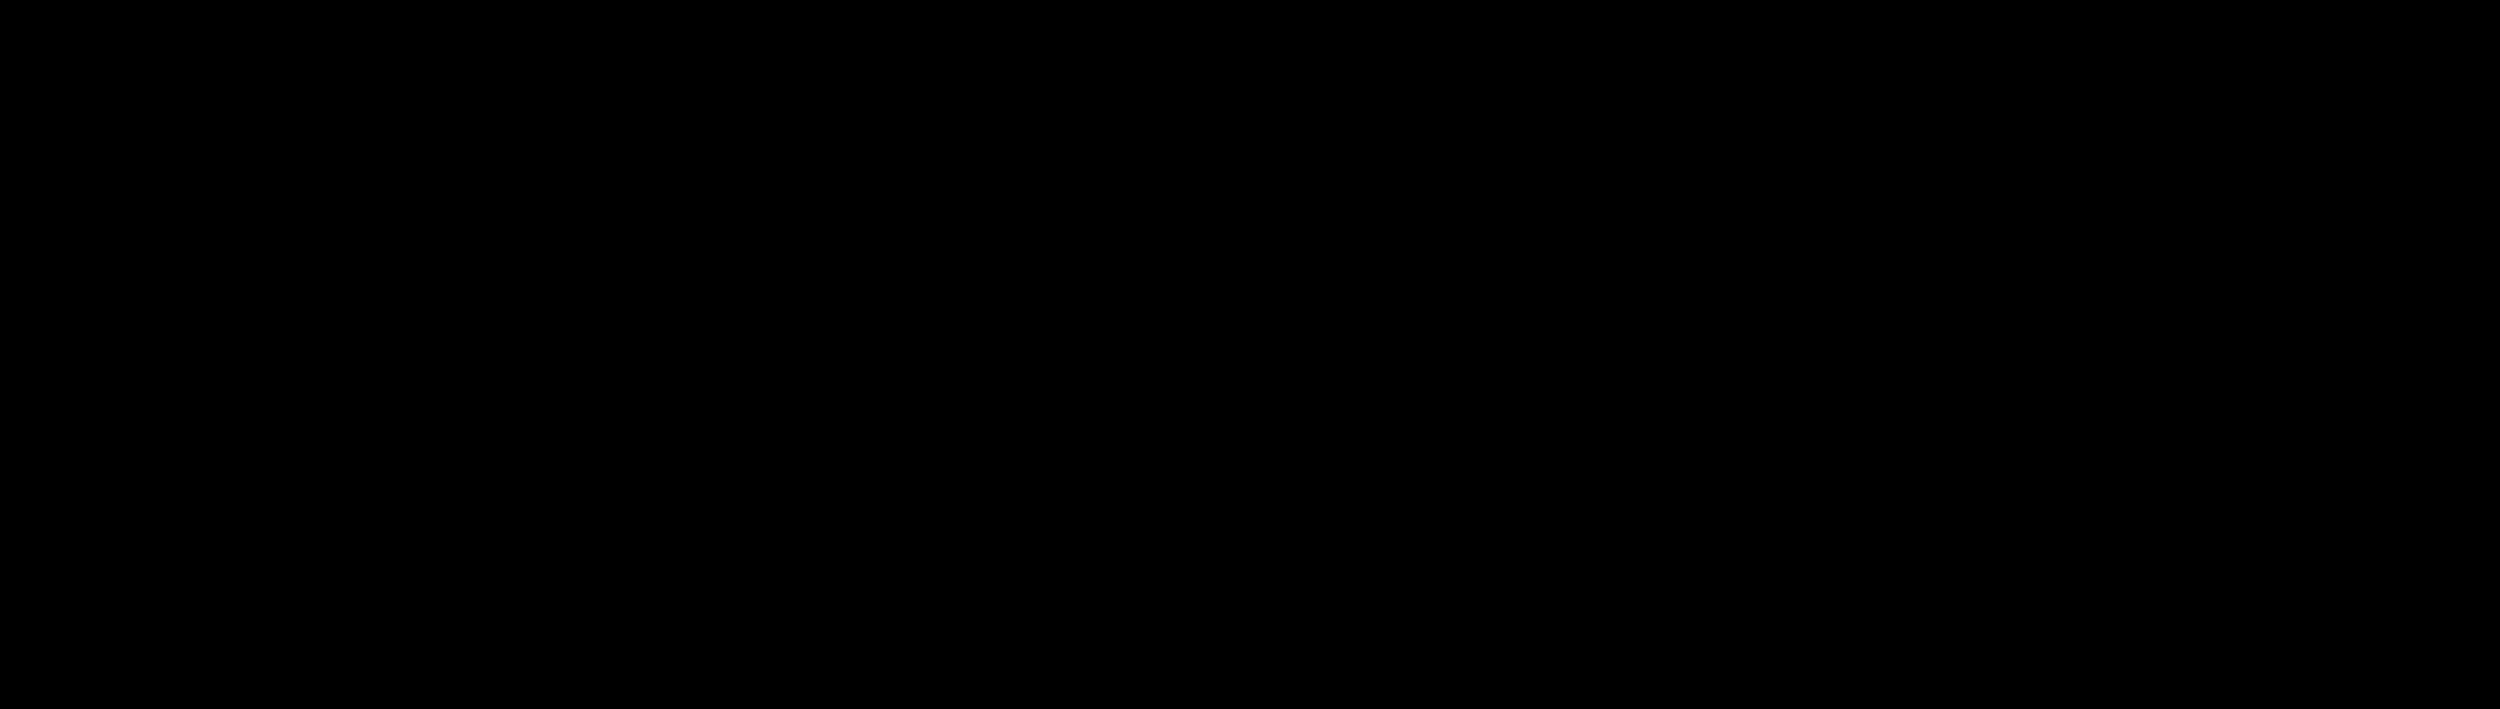 Do615_R4_MC_Horizontal_BLACK_5000x1417 (1).png